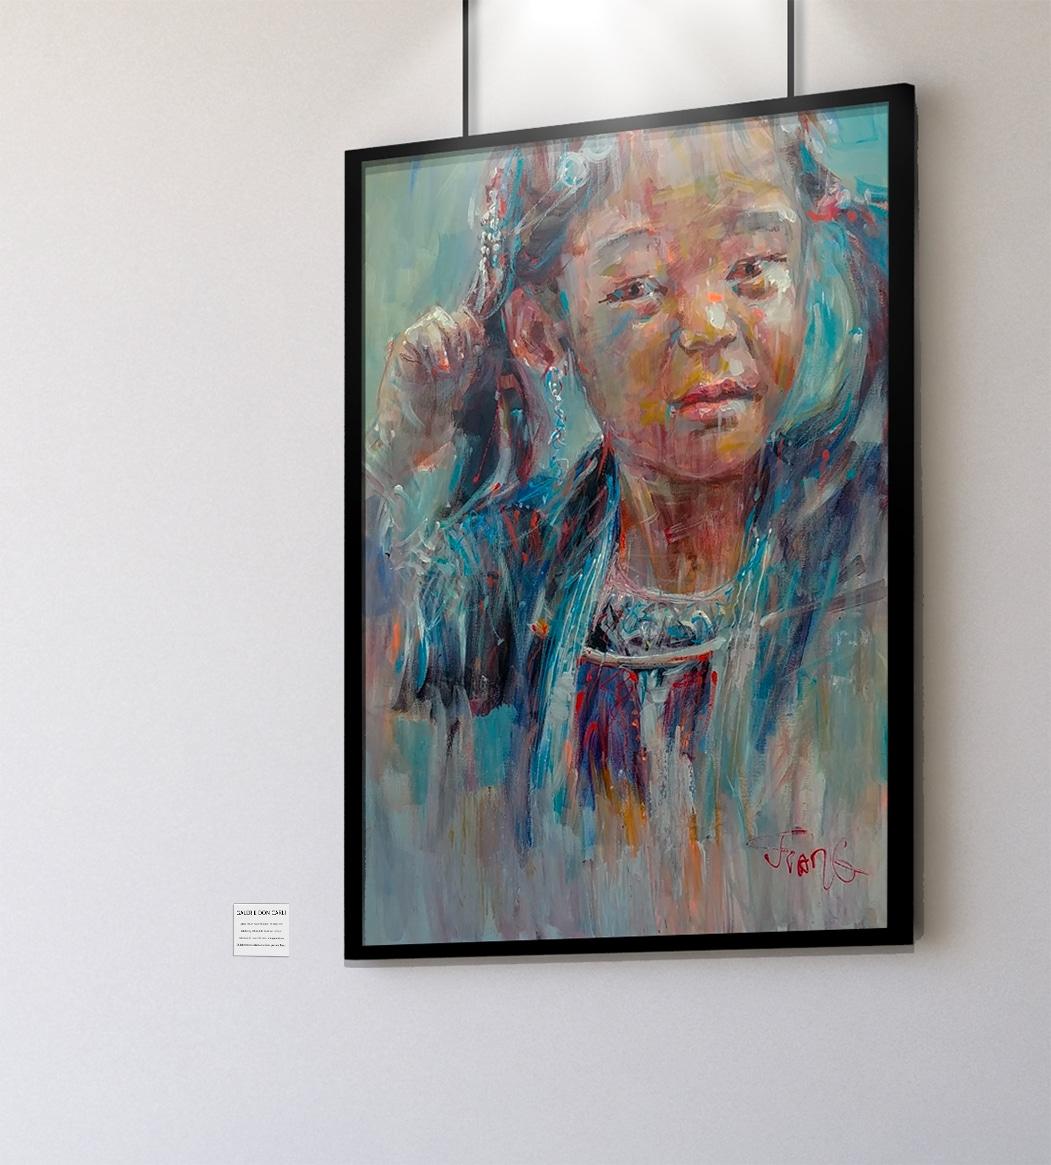 Galerie Don Carli Van Tam Aspara